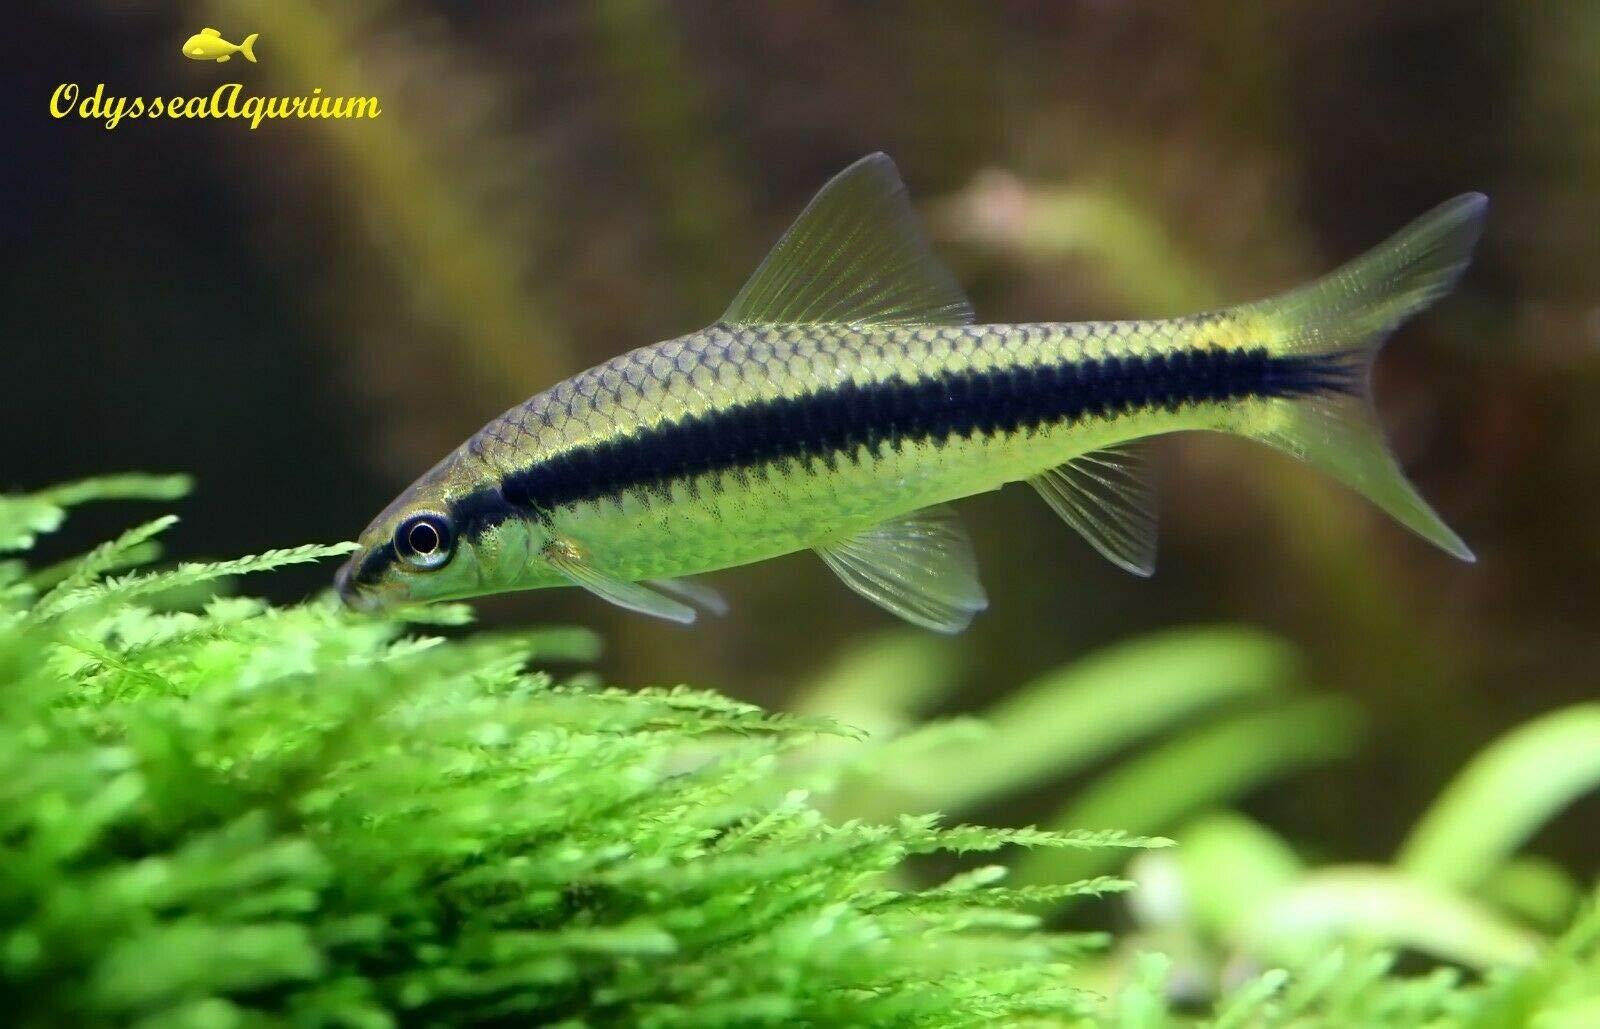 Odysseaaqurium 10 Siamese Algae Eater SAE Golden Algae Eater Freshwater Tropical Aquarium Fish by Odysseaaqurium (Image #1)